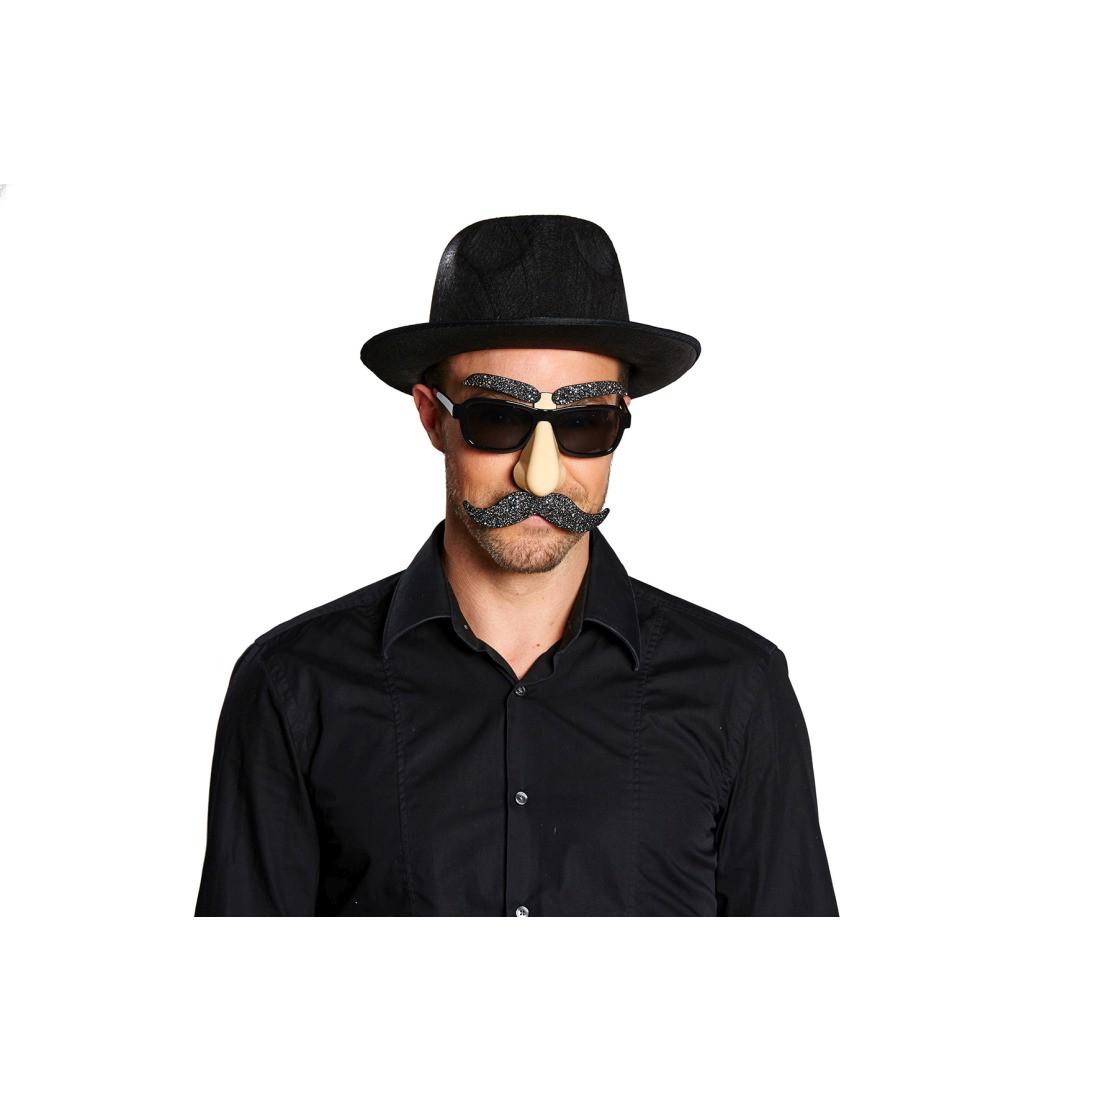 mann brille mit nase bart und augenbrauen maske gesicht lustige faschingsbrille italiener. Black Bedroom Furniture Sets. Home Design Ideas